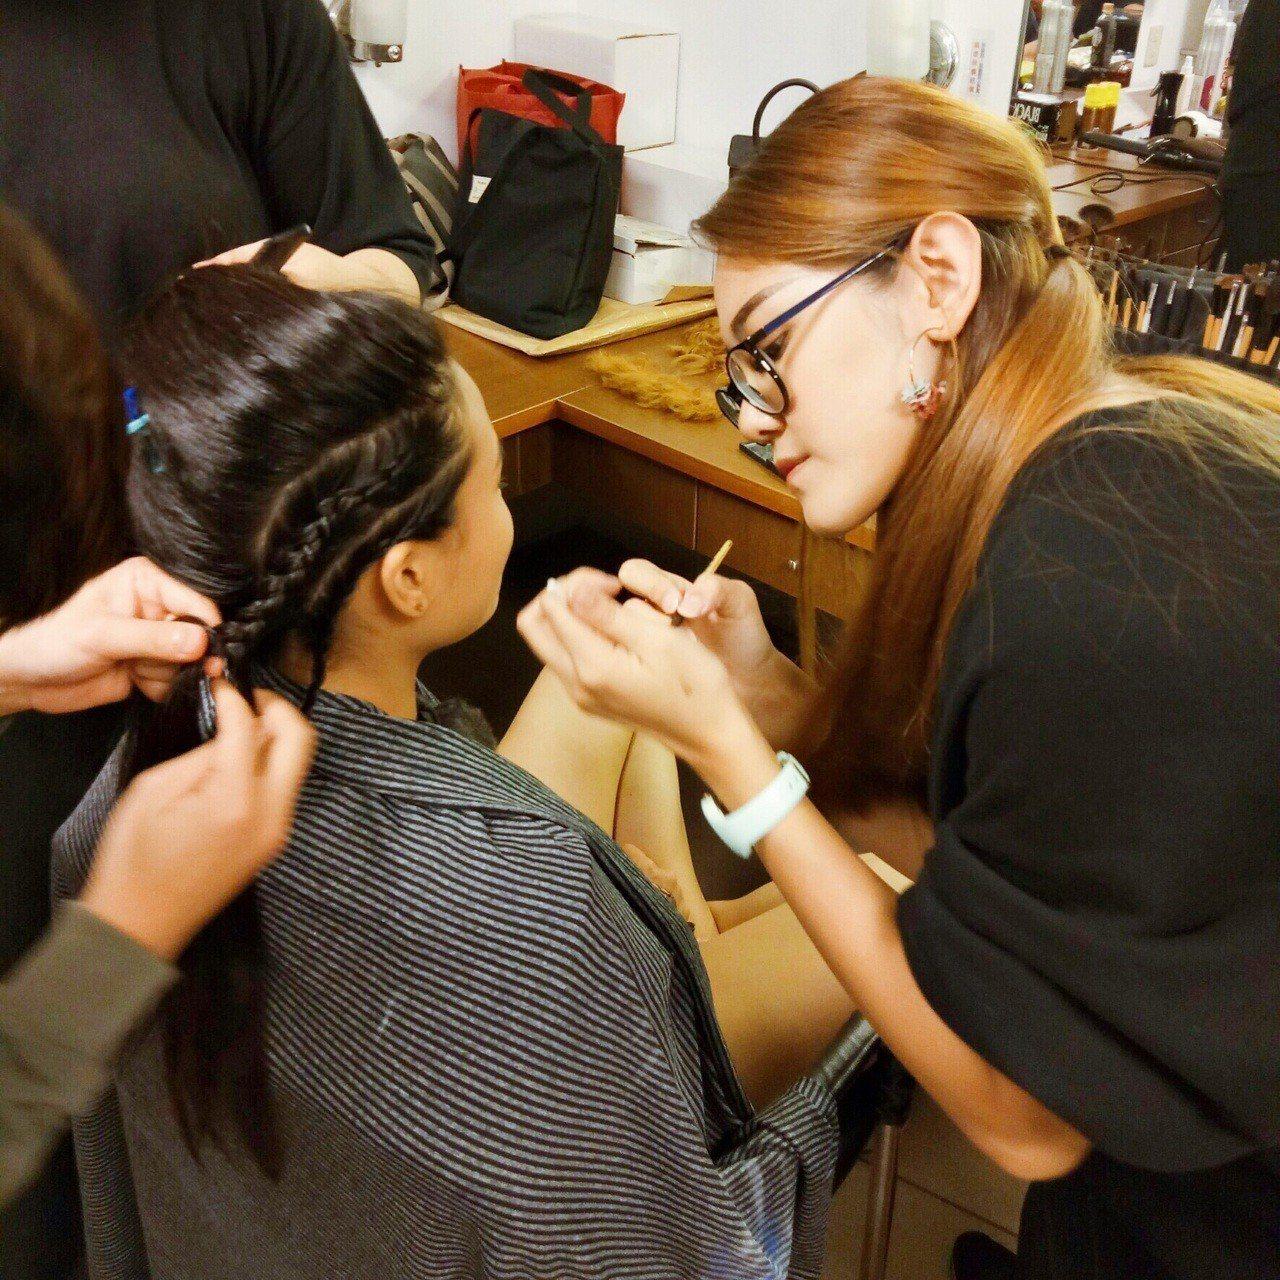 玄奘大學時尚設計學系師生參與《悟空》的服裝與彩妝造型設計。圖/玄奘大學提供